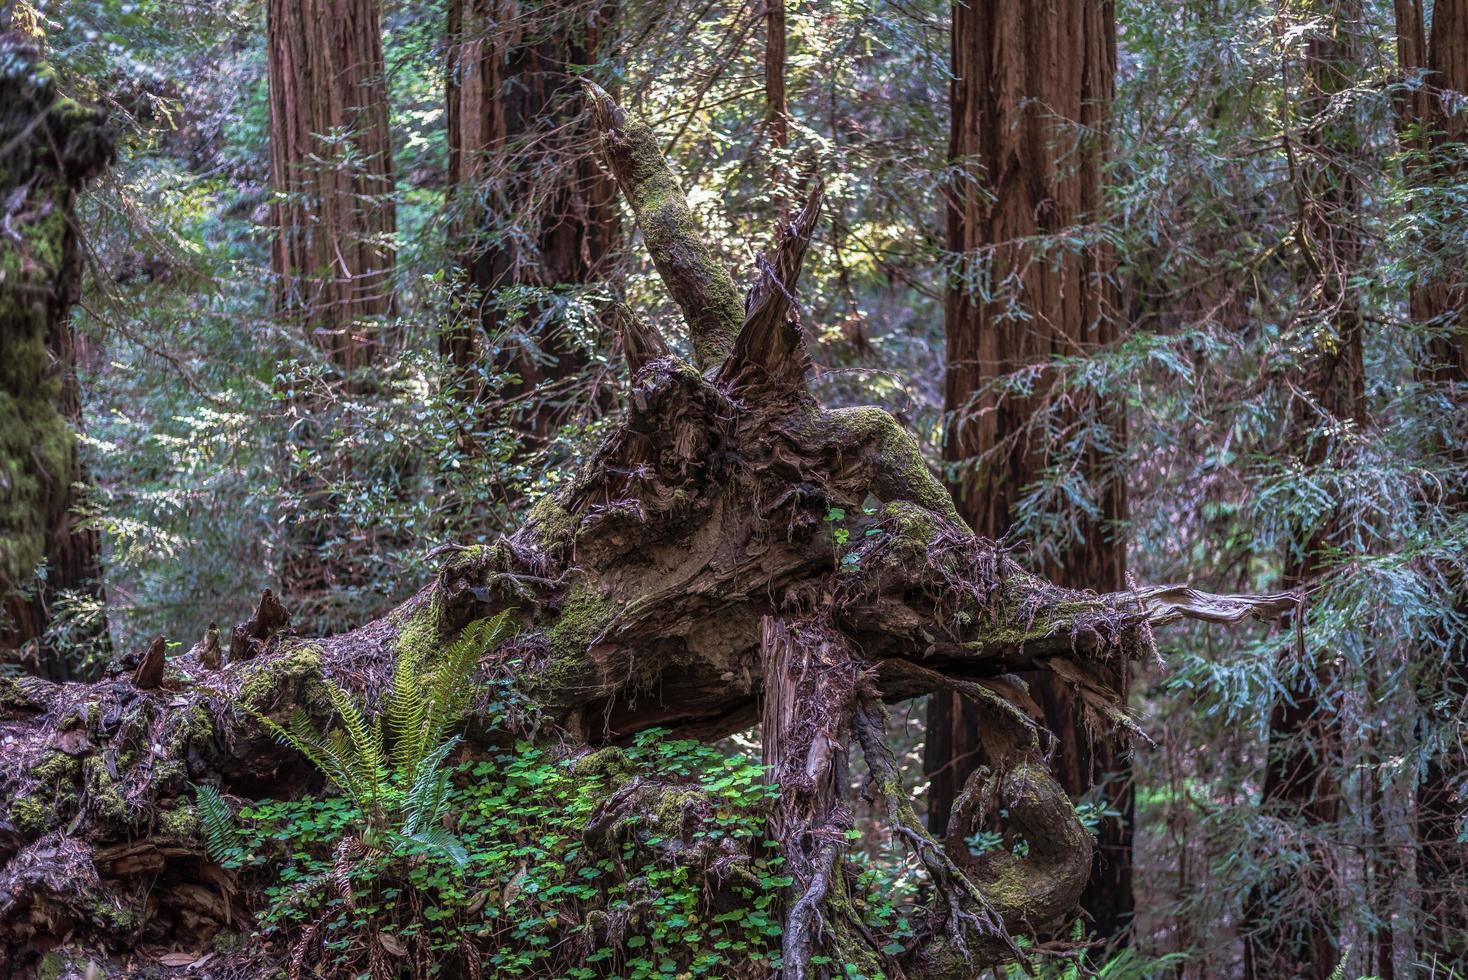 tronco de árbol marrón rodeado de plantas verdes foto